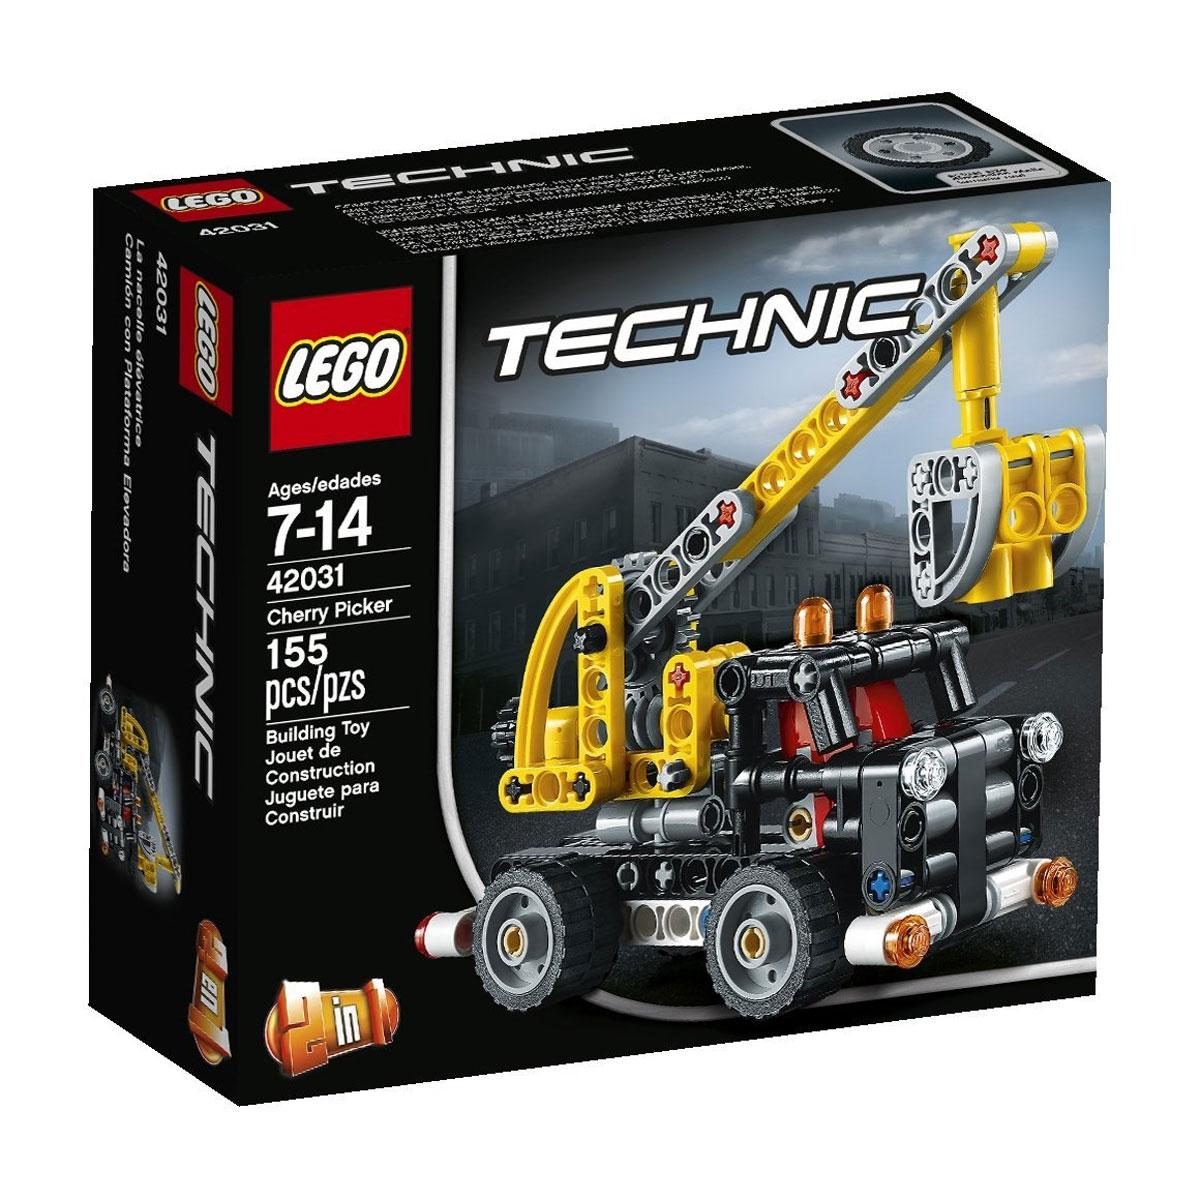 LEGO Technic Конструктор Ремонтный автокран42031Доберитесь до головокружительных высот с потрясающим автоподъемником из серии LEGO Technic! Ремонтный автокран станет незаменимым помощником на любой строительной площадке. Его массивный корпус выполнен из желто-черных деталей. Спереди видна кабина водителя с усиленной решеткой радиатора и круглыми фарами. Внутри кабины установлены ярко-красные кресла, а на крыше видны оранжевые сигнальные огни. Активная часть крана представлена рабочей стрелой и люлькой. При помощи специального вращающегося рычага, расположенного сзади, стрелу можно поднимать и опускать. Для транспортировки и эвакуации других транспортных средств автокран можно переделать в мощный тягач. Конструктор - это один из самых увлекательнейших и веселых способов времяпрепровождения. Ребенок сможет часами играть с конструктором, придумывая различные ситуации и истории. В процессе игры с конструкторами Lego дети приобретают и постигают такие необходимые навыки как познание, творчество, воображение. Обычные...